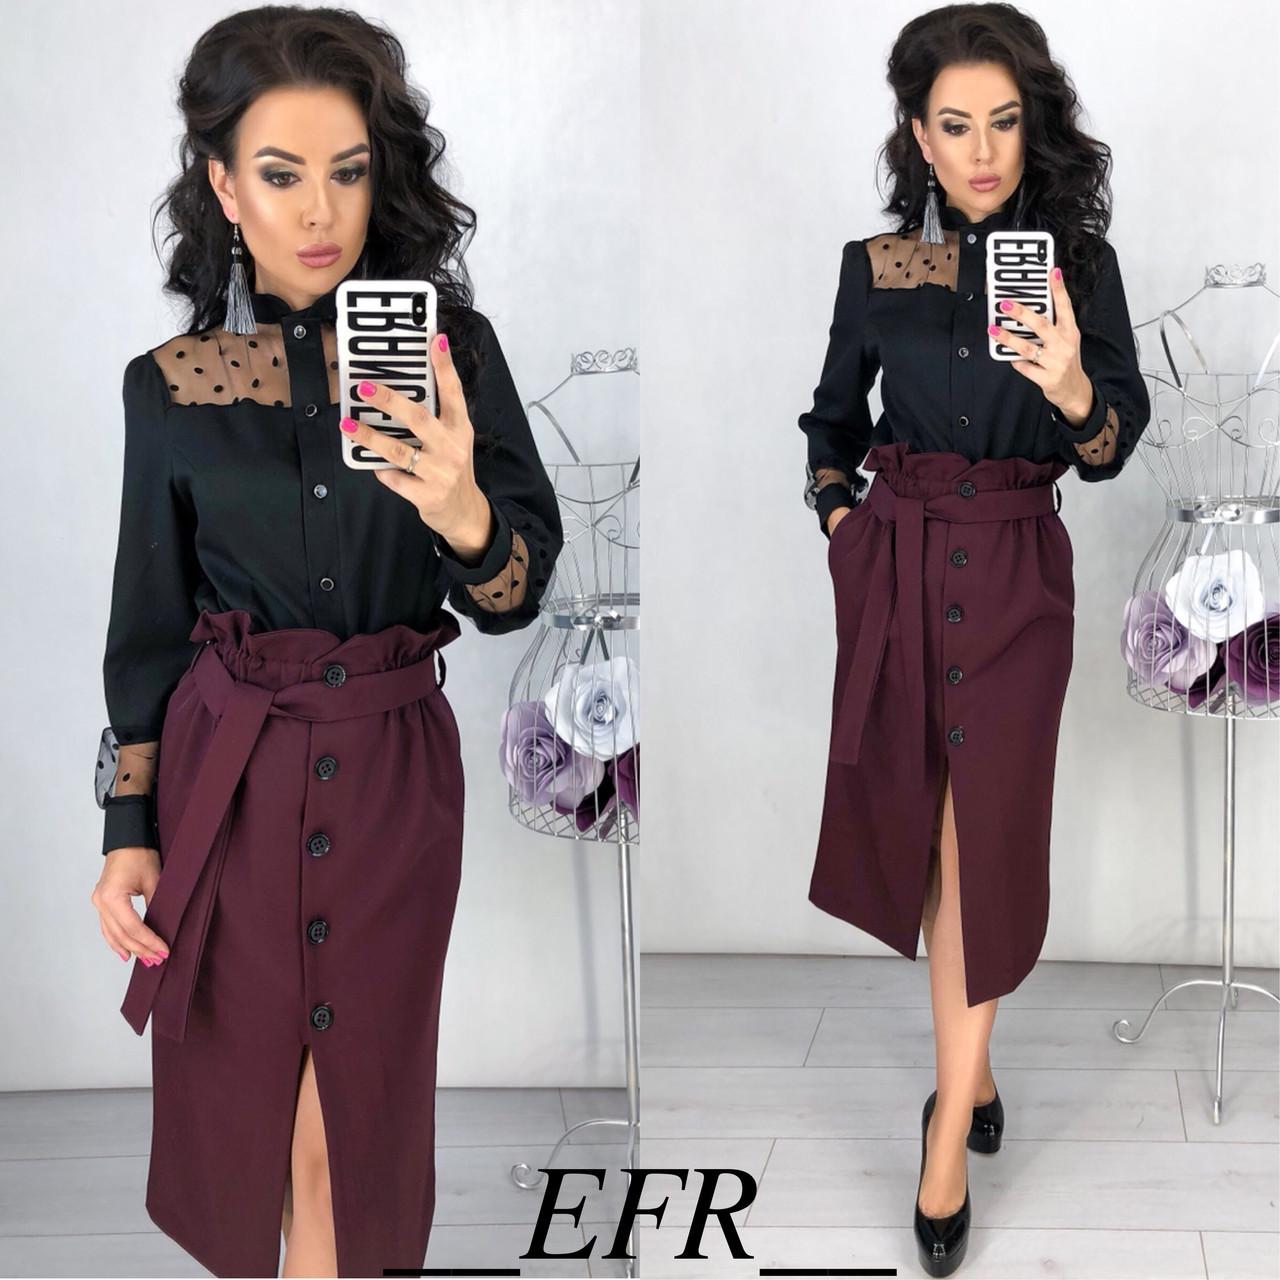 09388b93f52 Женский костюм  юбка с высокой талией и блузка с сеткой в горох - Интернет-